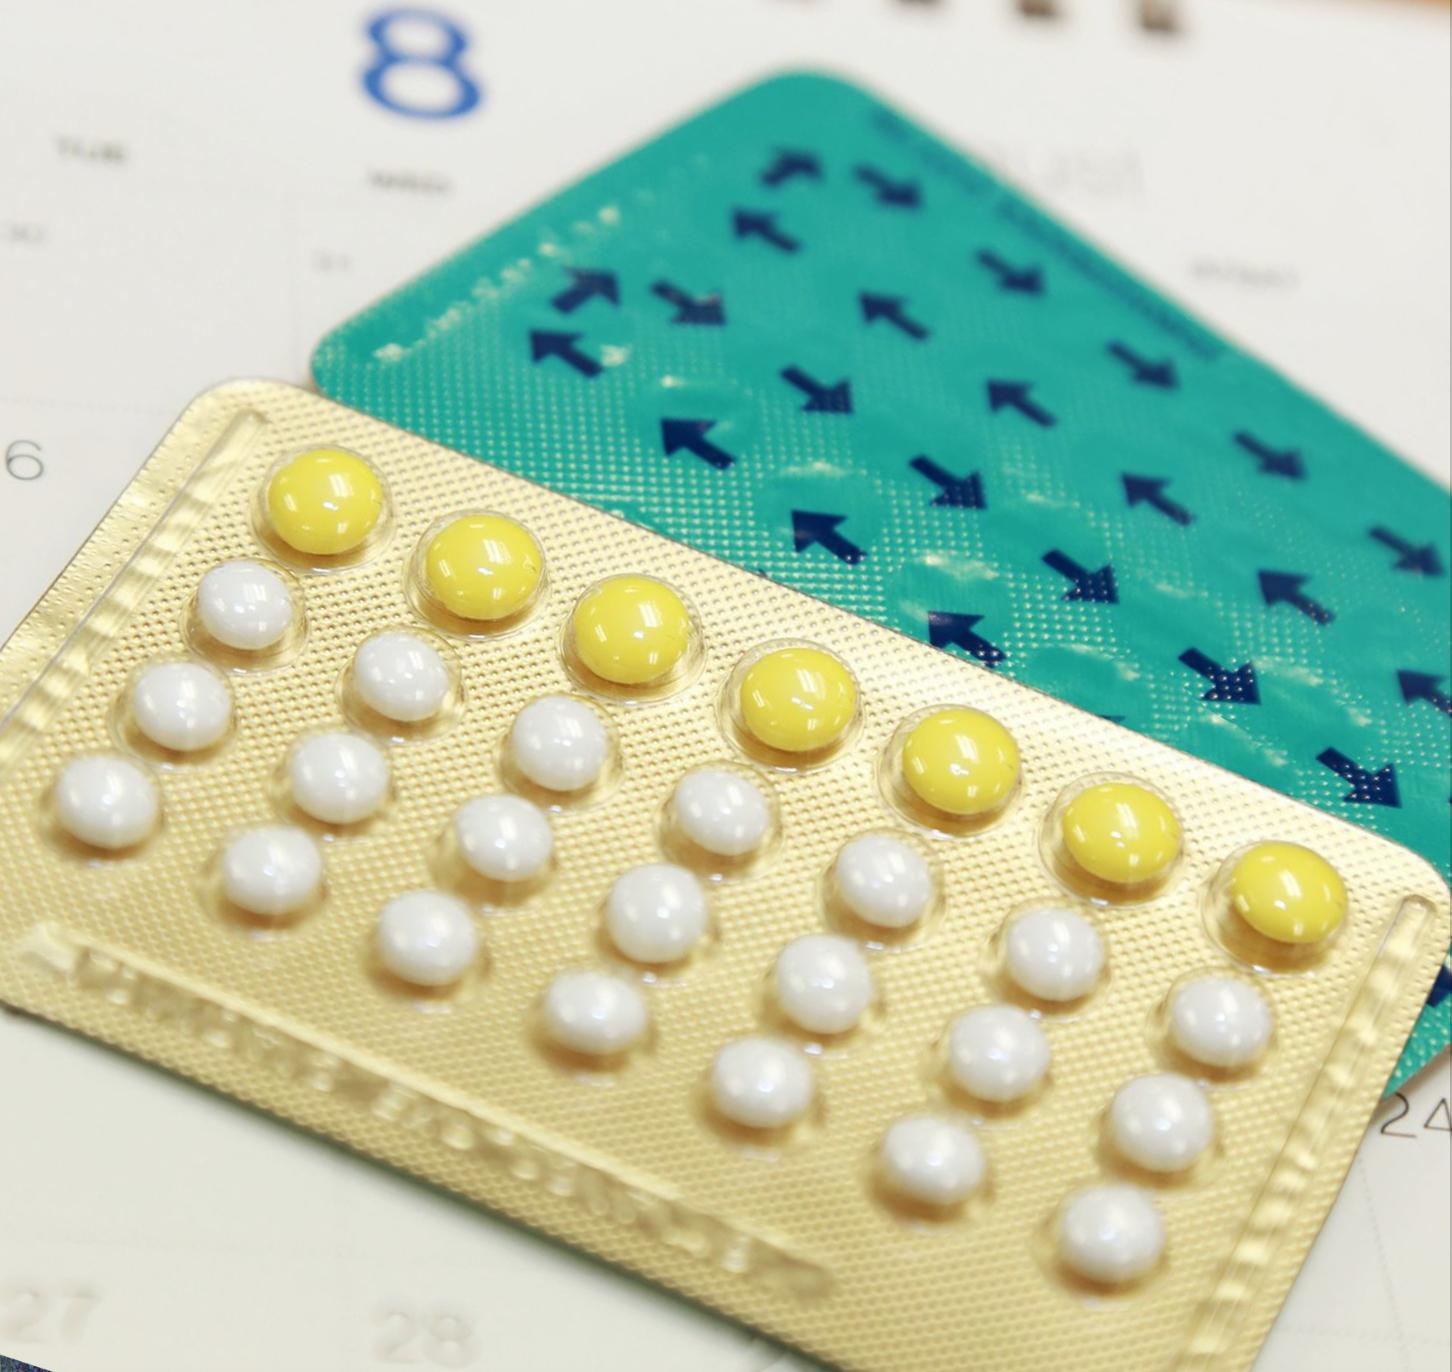 """¿Has tomado la pastilla del Aborto (RU486)? - ¿Has tomado la primera dosis de mifepristone (también conocida como RU486 ó """"pastilla del aborto"""")? ¿Te arrepientes de tu decisión y quisieras revertir los efectos de la pastilla del aborto? ¡Puede no ser demasiado tarde!Llama al 877.558.0333, una línea de ayuda 24/7 para hablar con un profesional médico quien podrá dirigirte a un proveedor cerca de ti.Conoce más detalles en abortionpillreversal.com."""